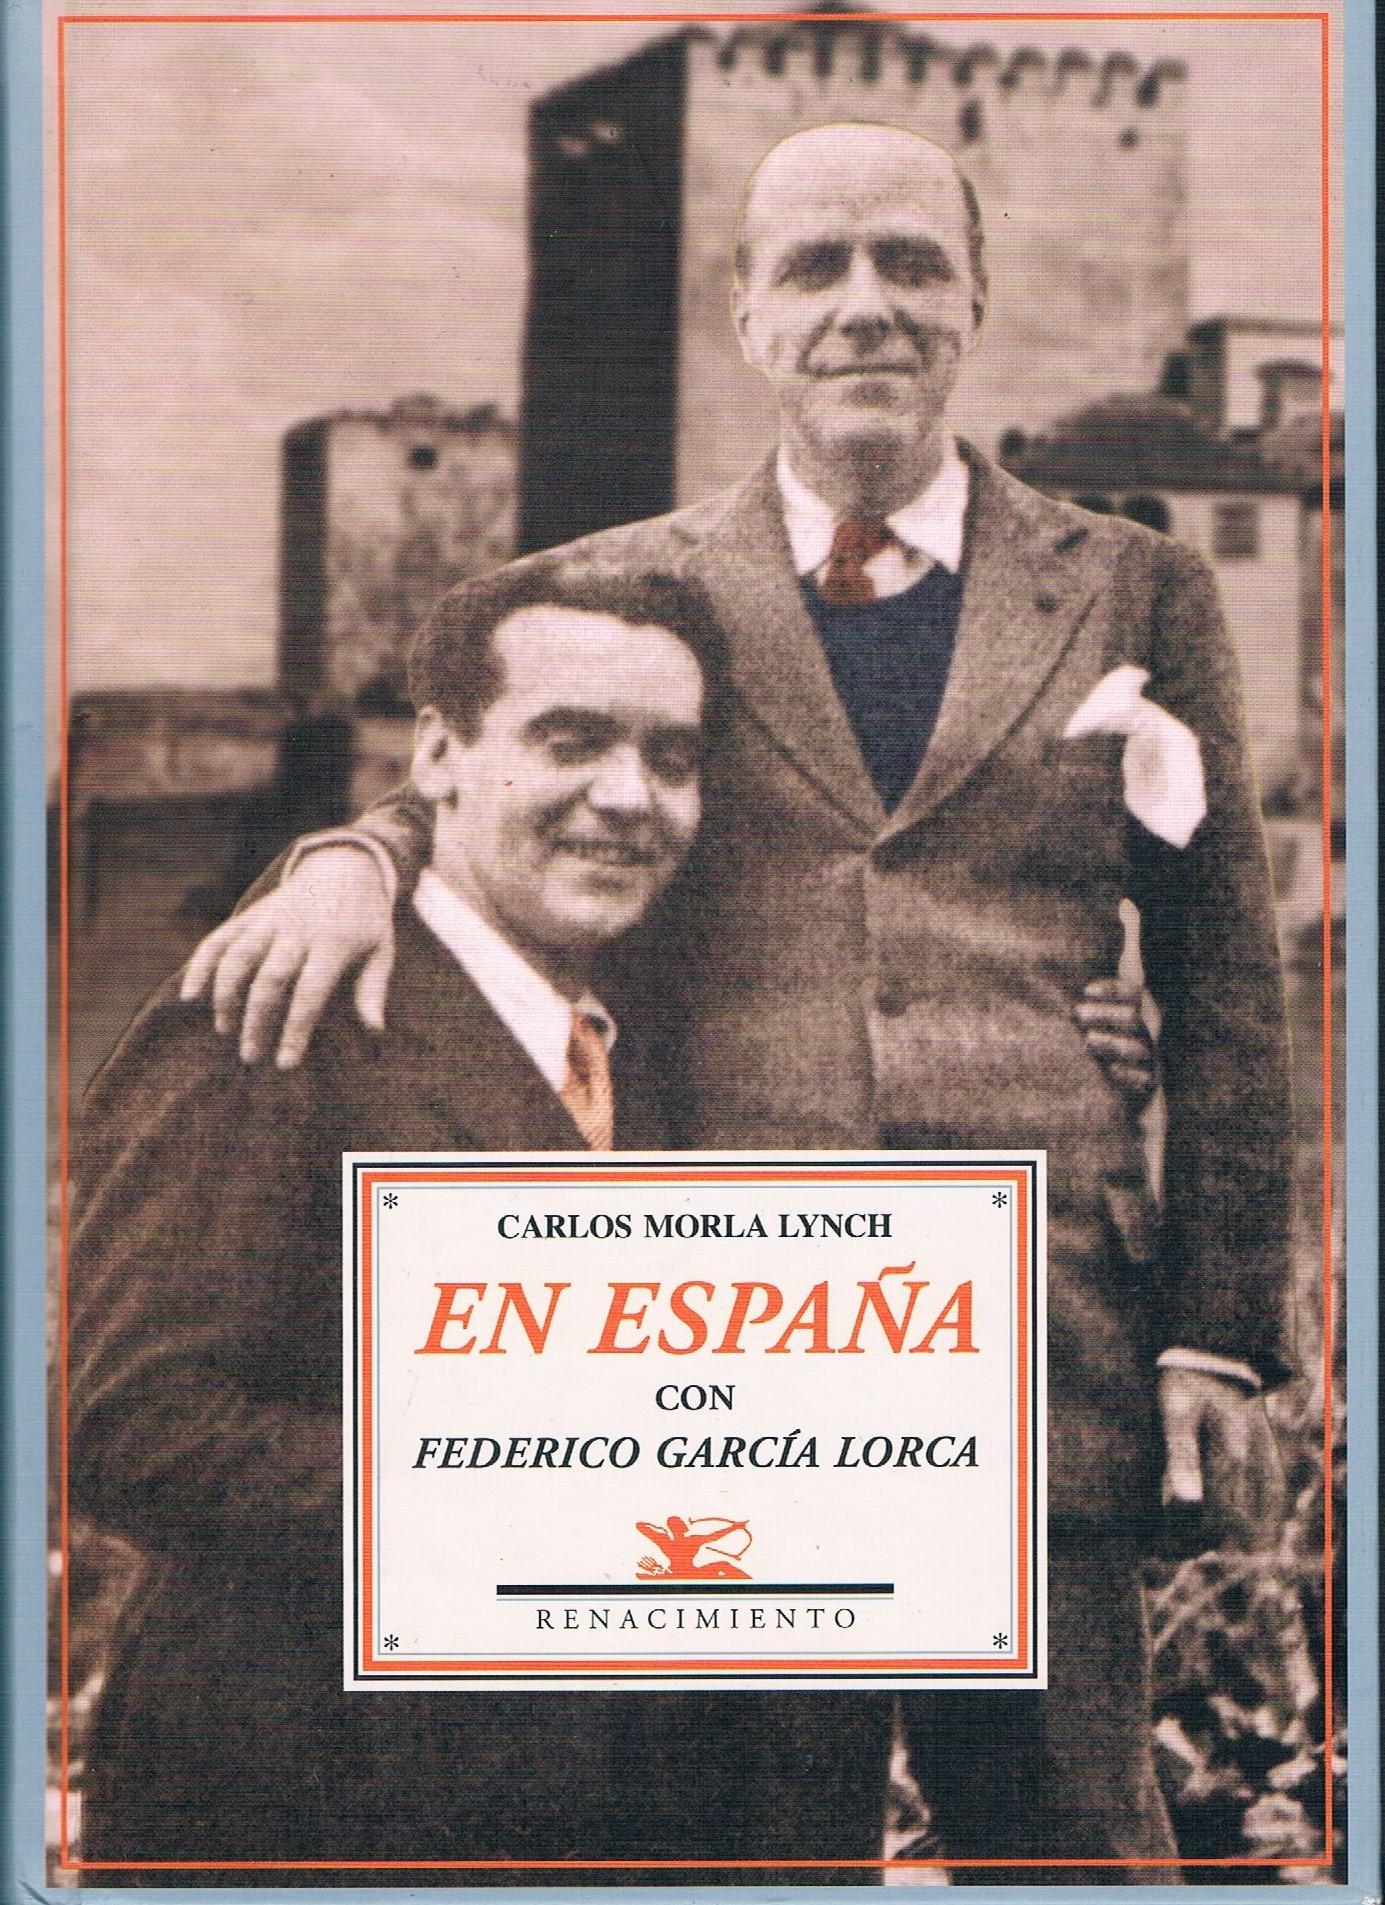 """Portada del libro de Carlos Morla Lynch """"En España con Federico García Lorca"""""""